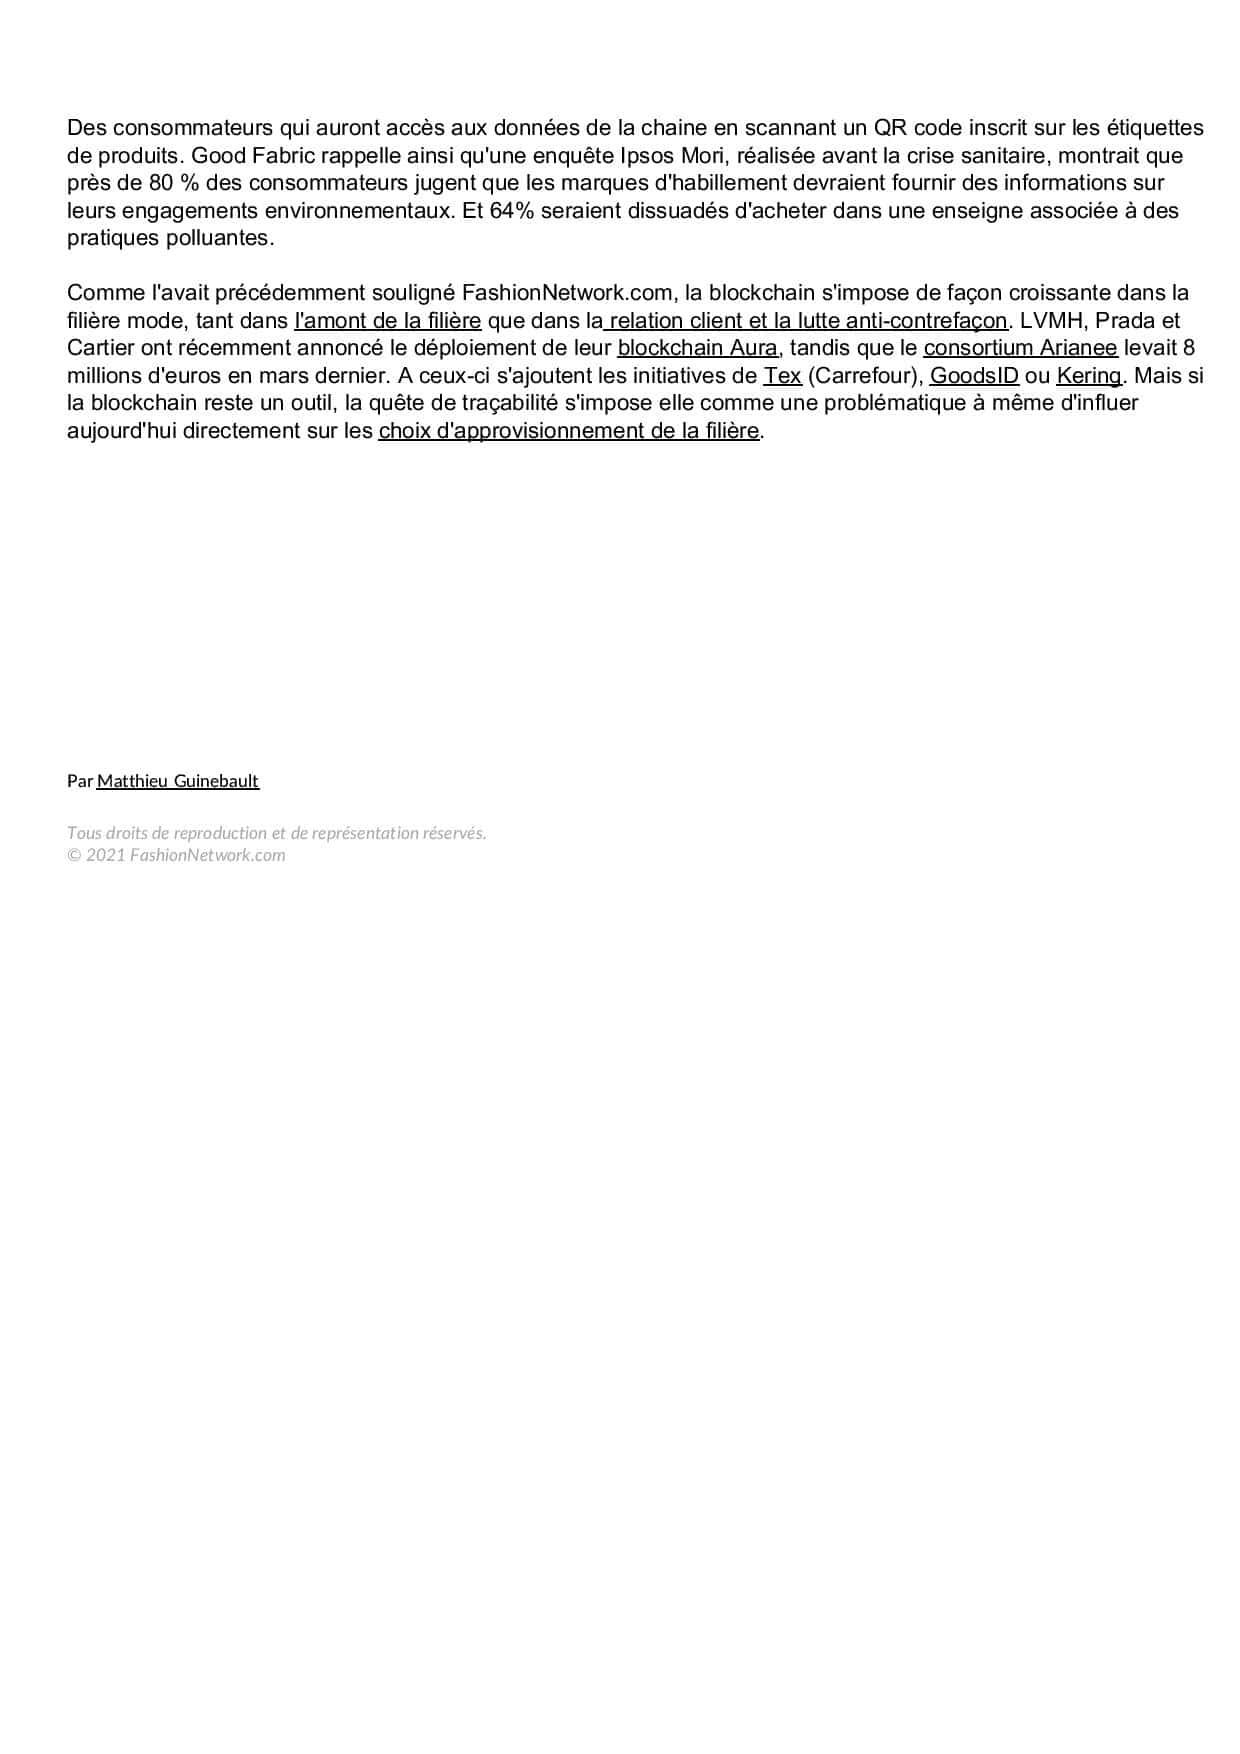 FNW 1298022 Footbridge une plateforme pour connaitre l empreinte environnementale d un produ 1 page 002